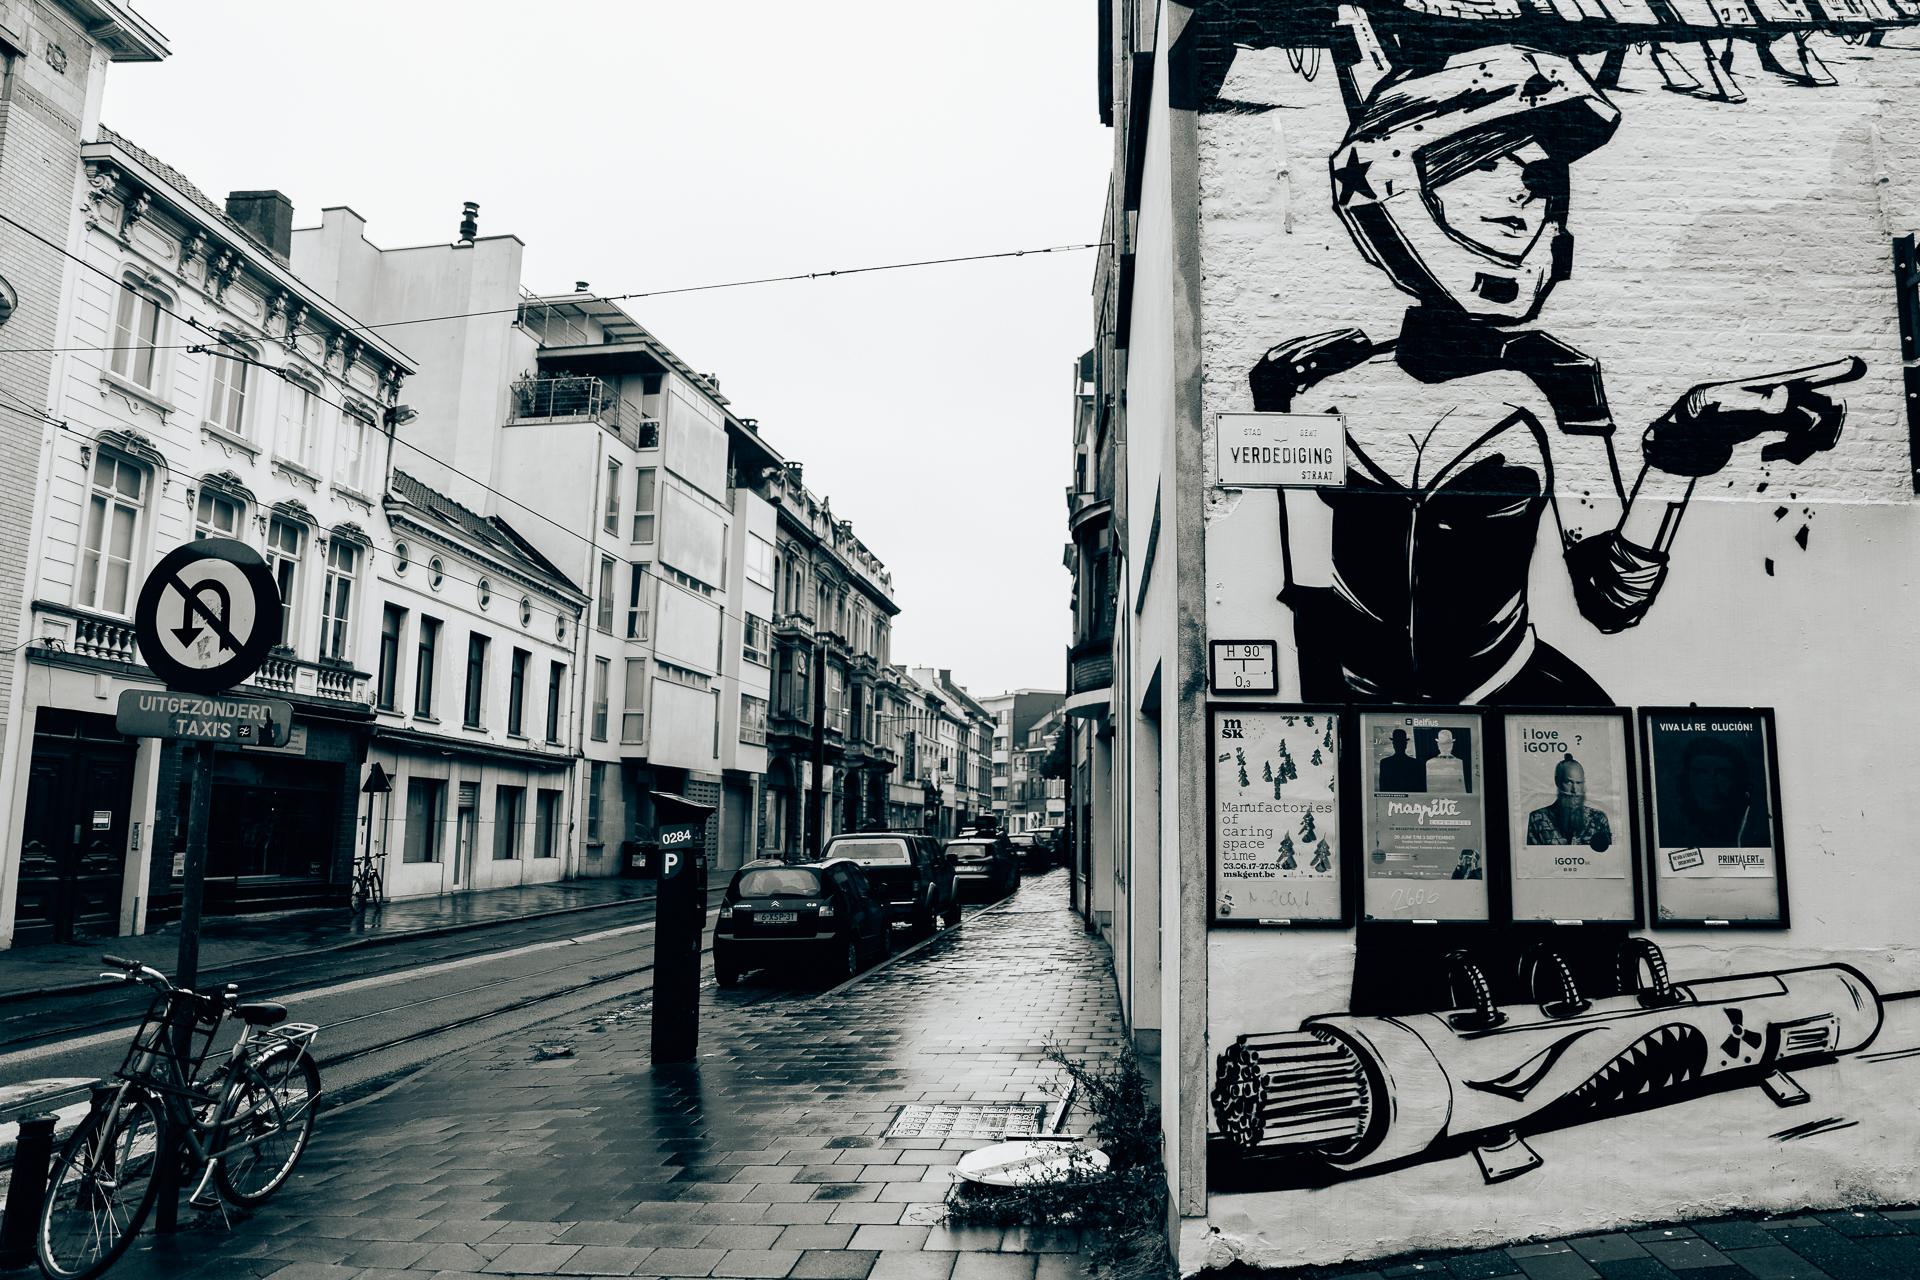 """26. Ausstellung: """"Urban Art – Tag vs. Nacht: Kann Kunst illegal sein?"""" von See Bauer"""